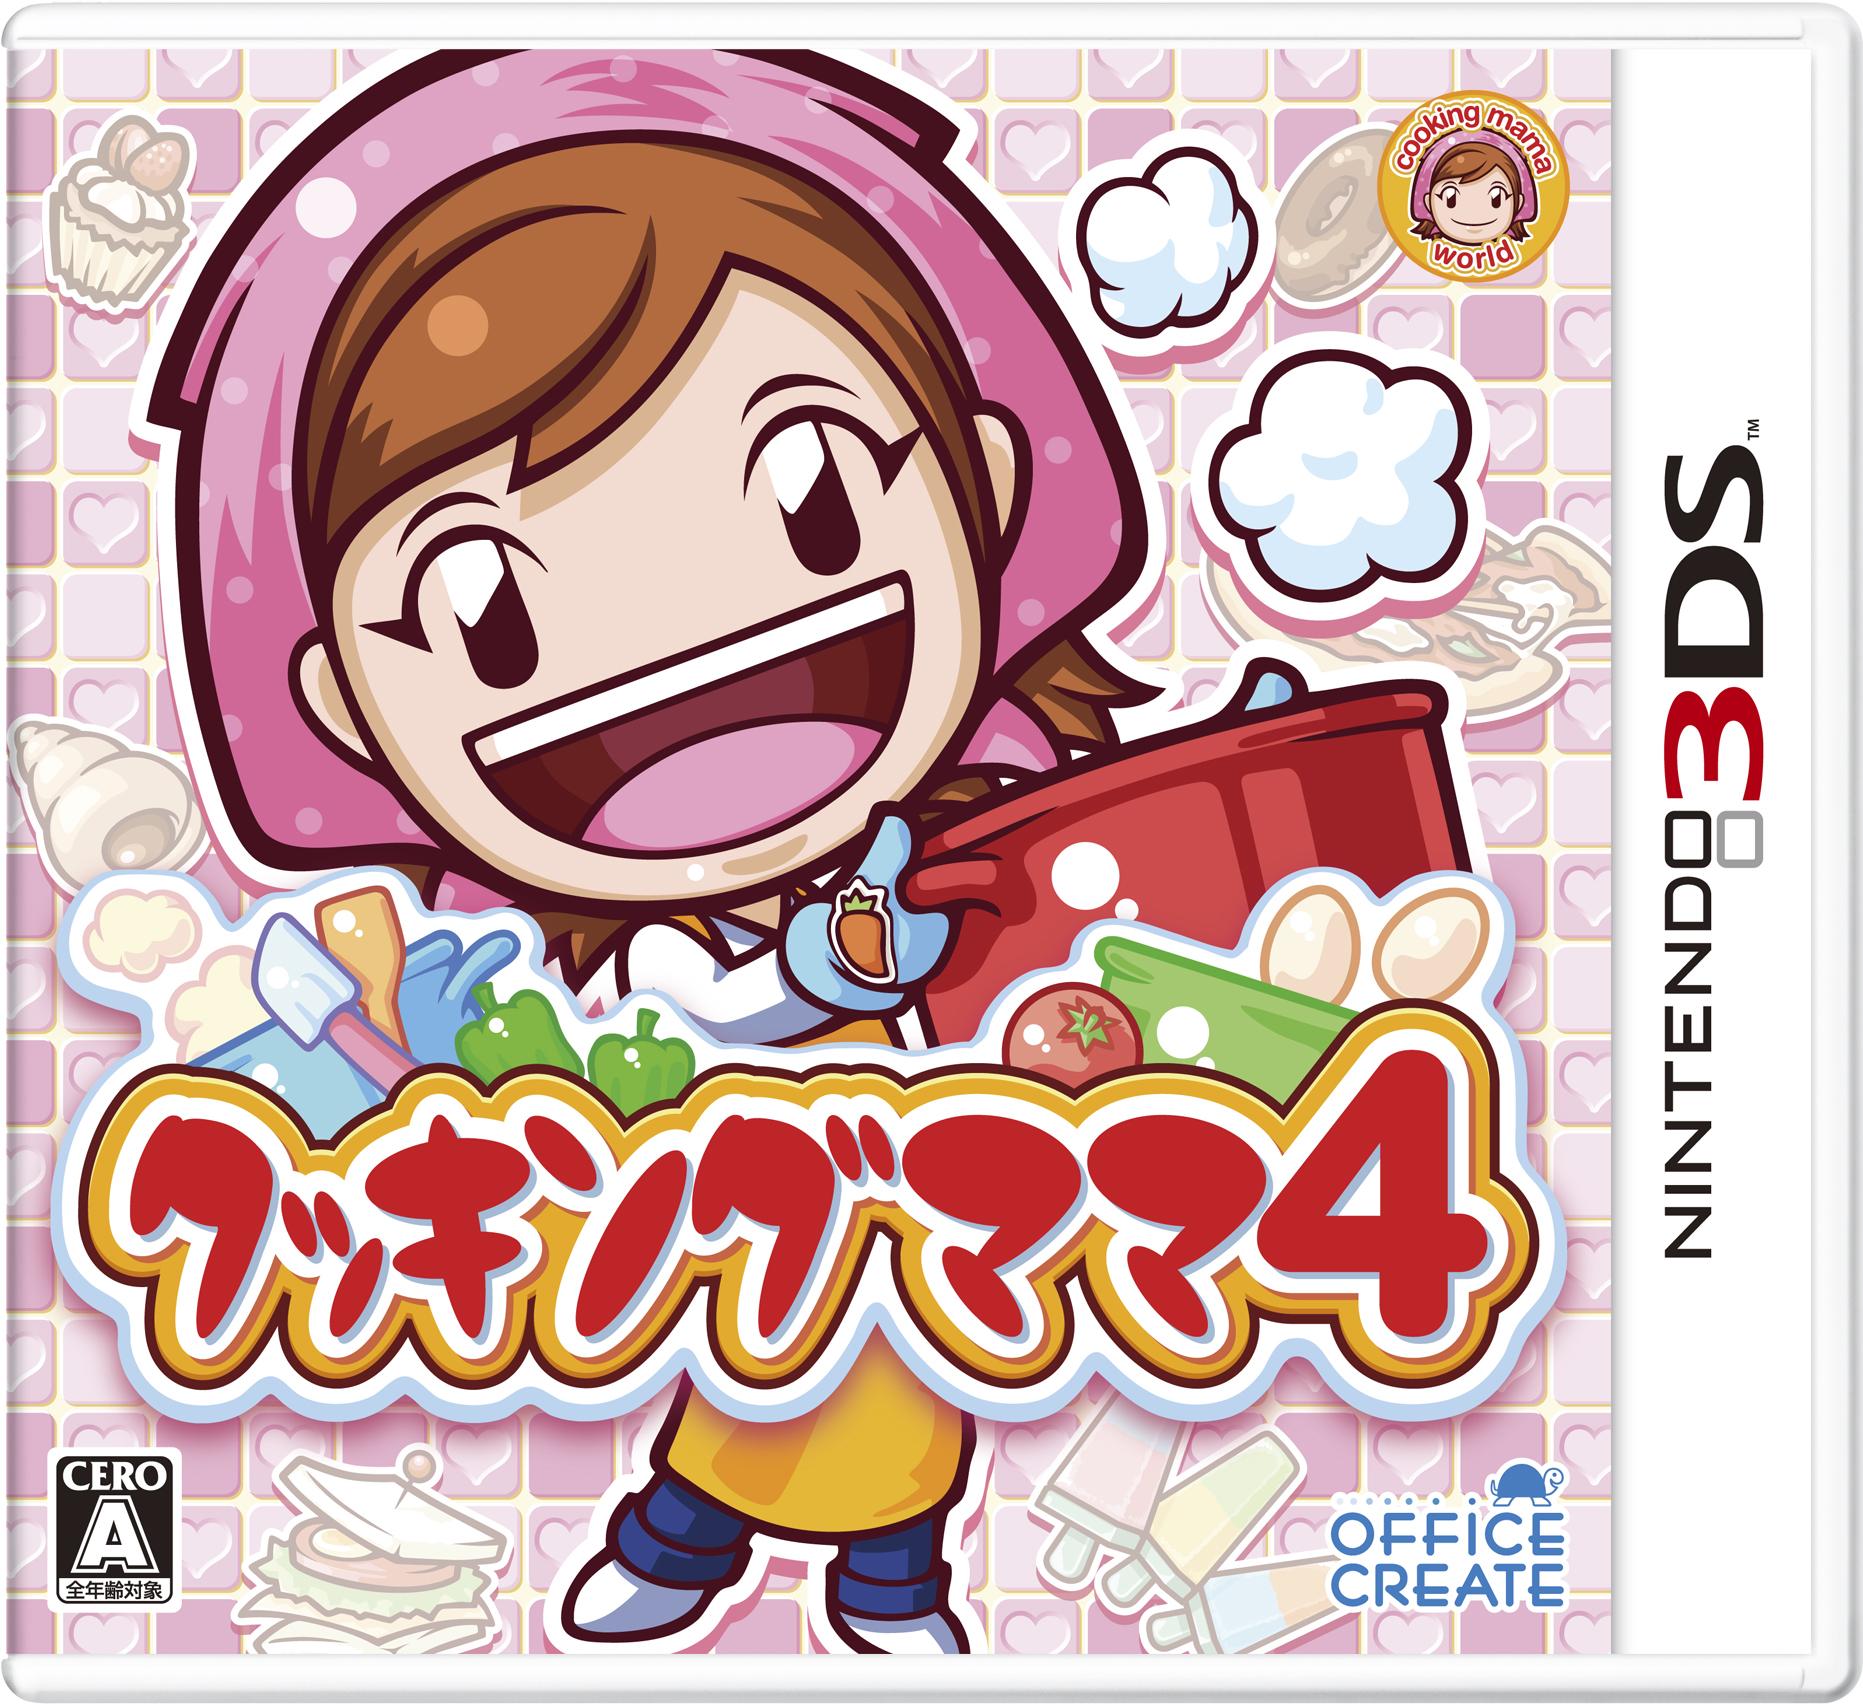 海外の女児市場を中心に累計1,200万本に達した特異な日本発の大ヒットゲーム 「クッキングママシリーズ」 最新作 3DS「クッキングママ4」体験版、個人への配信開始! – 本体験版の製品は12月1日発売にパッケージ販売されました -